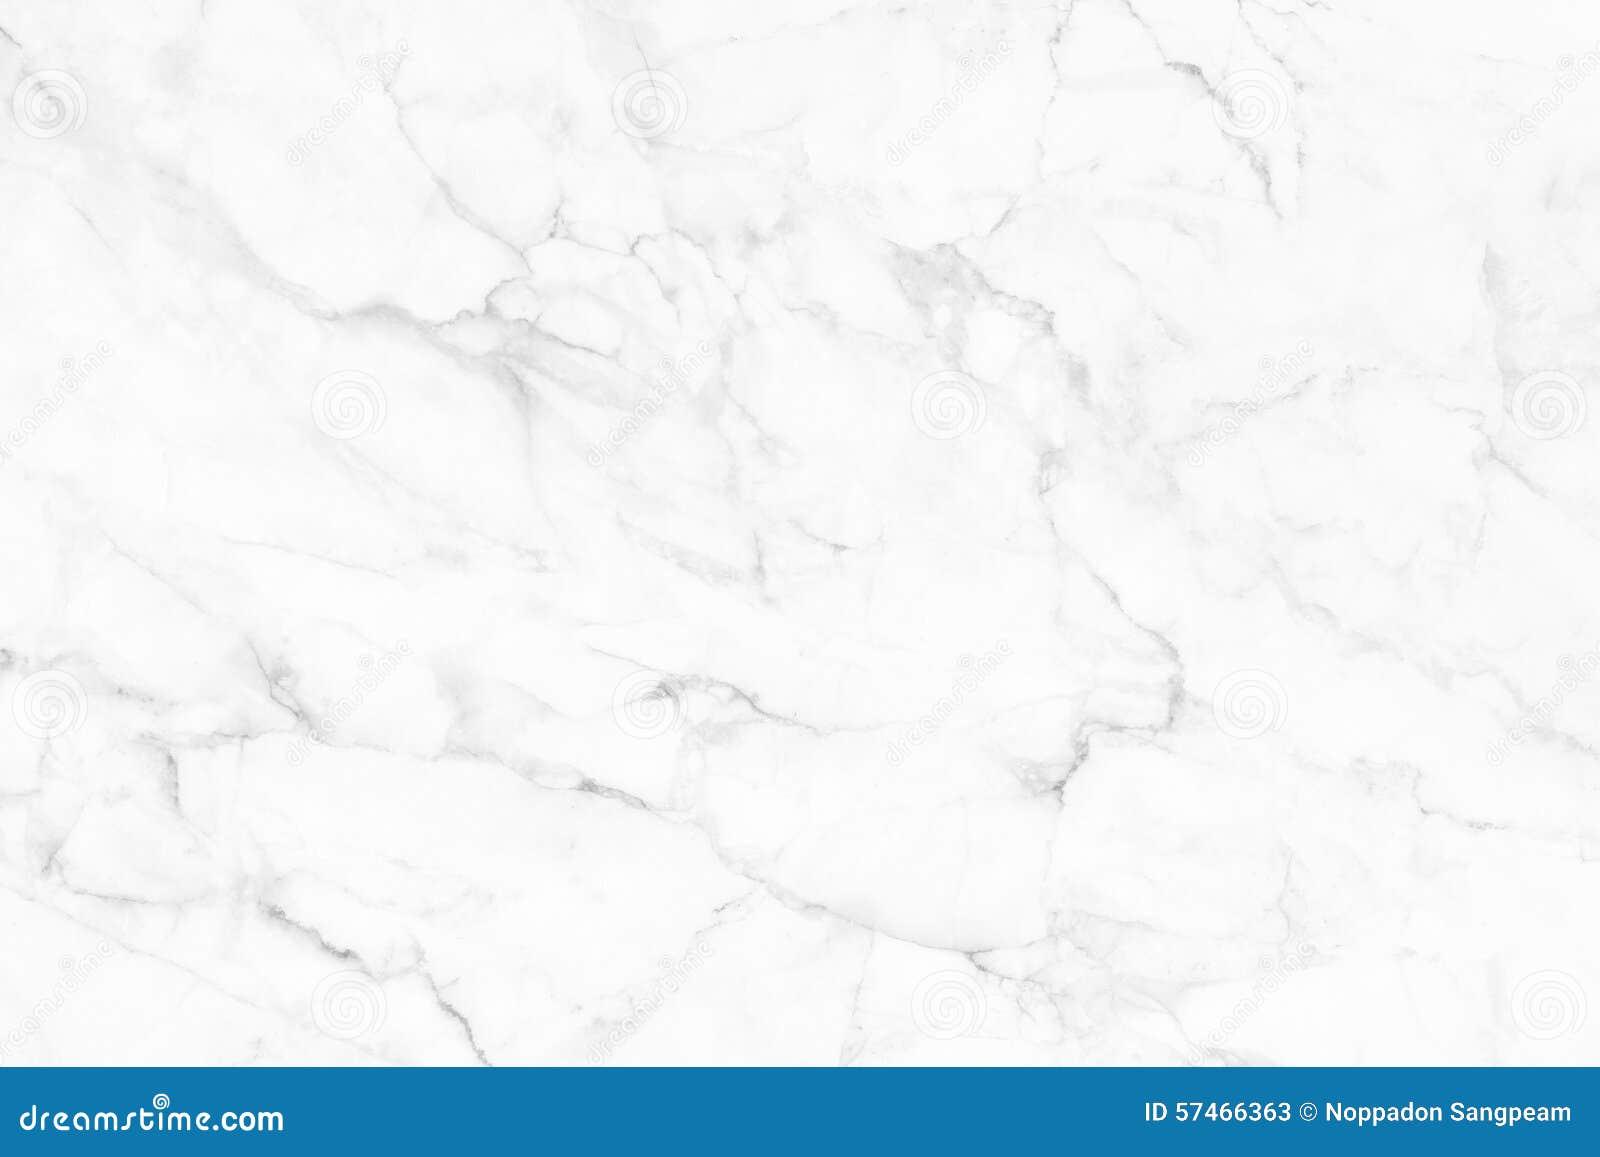 Textura (cinzenta) branca do mármore, estrutura detalhada do mármore em natural modelado para o fundo e projeto